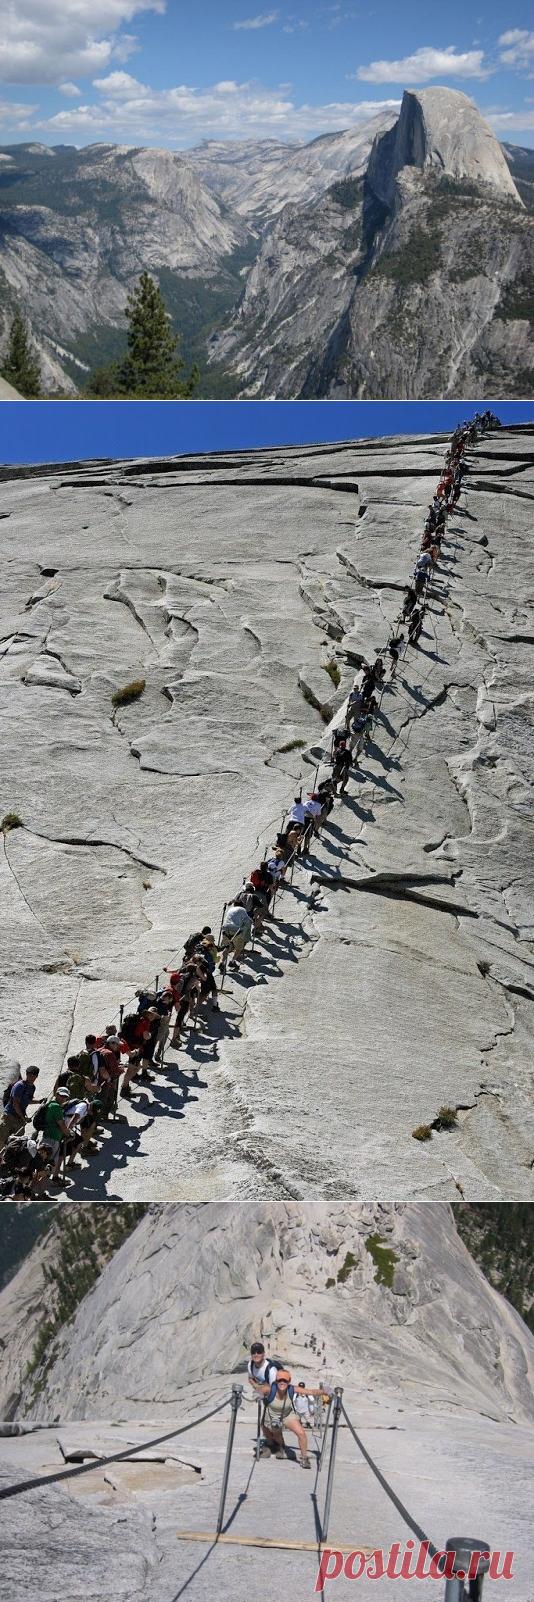 La semicúpula la roca Gigantesca de Yosemita - Viajamos juntos